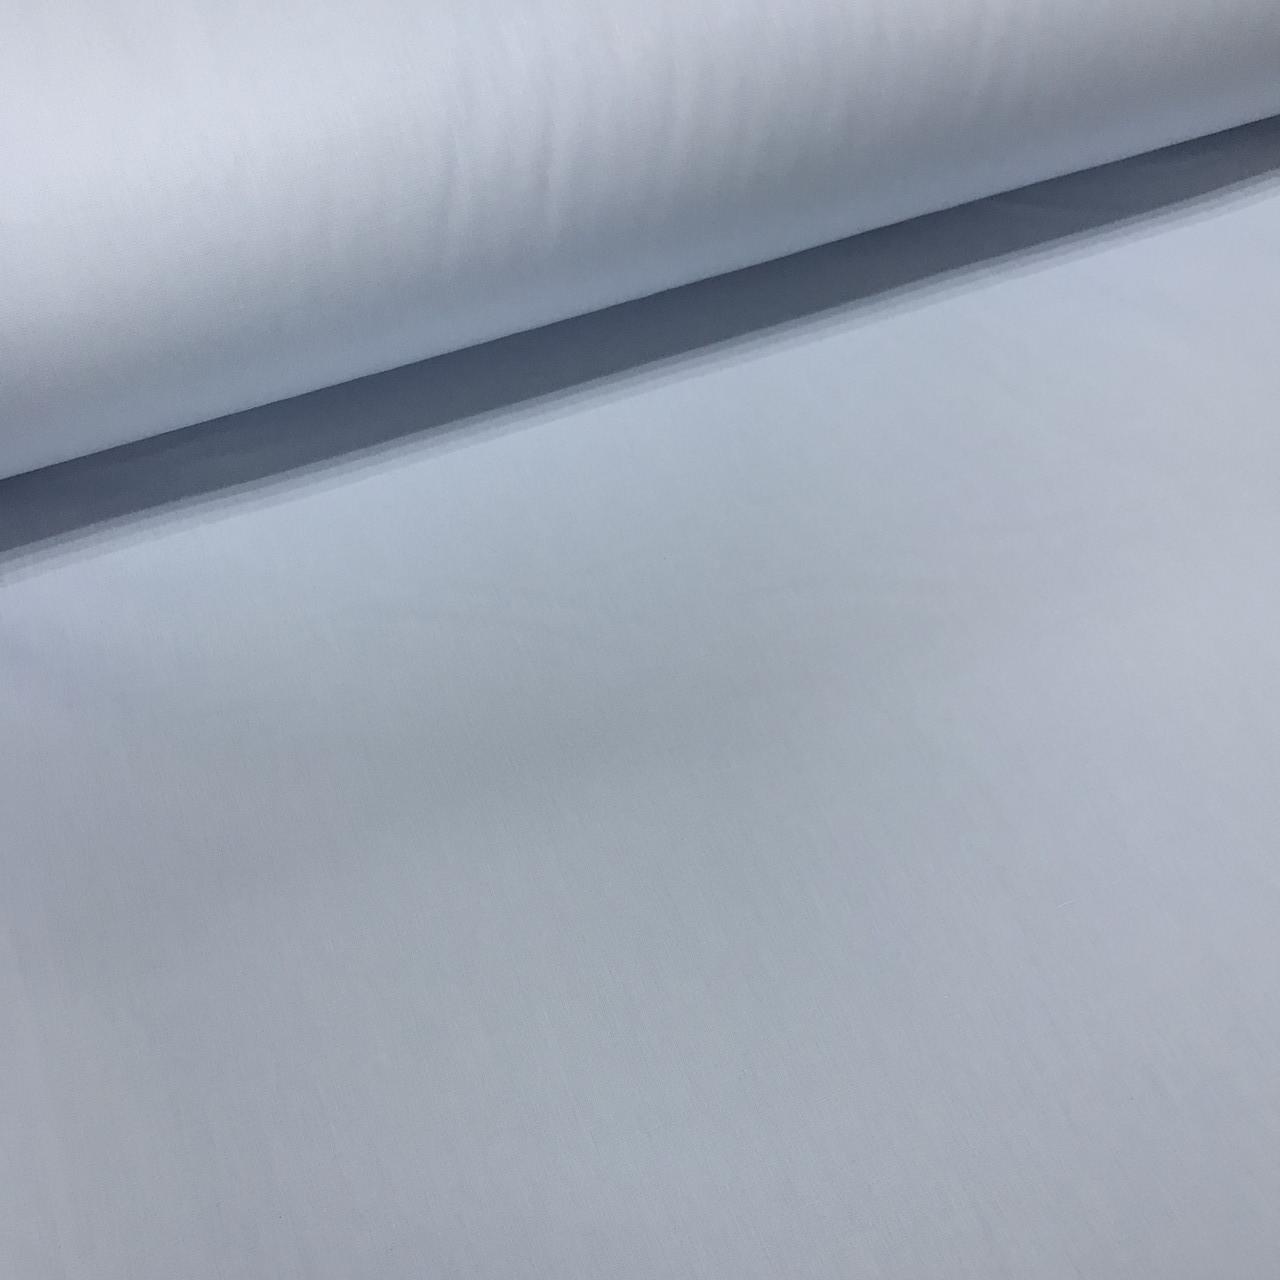 Ткань поплин De Luxe, однотонный светло-голубой (Турция шир. 2,4 м)  №32-58b ОТРЕЗ( 0,6*2,4)